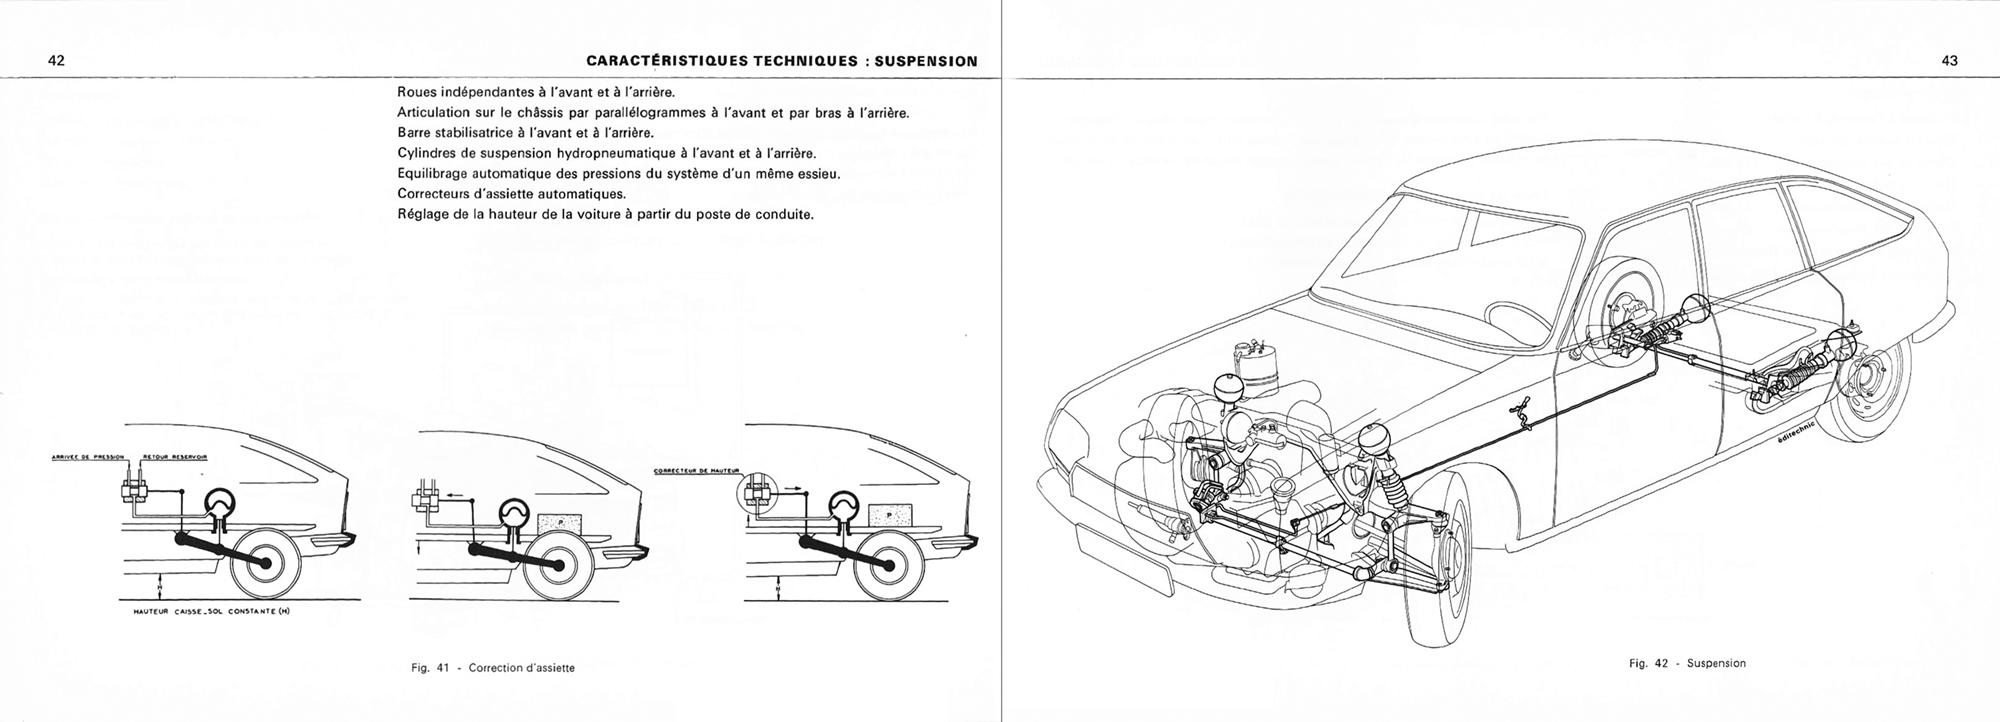 1971 Citroën GS Notice d'emploi (owner's manual) #2